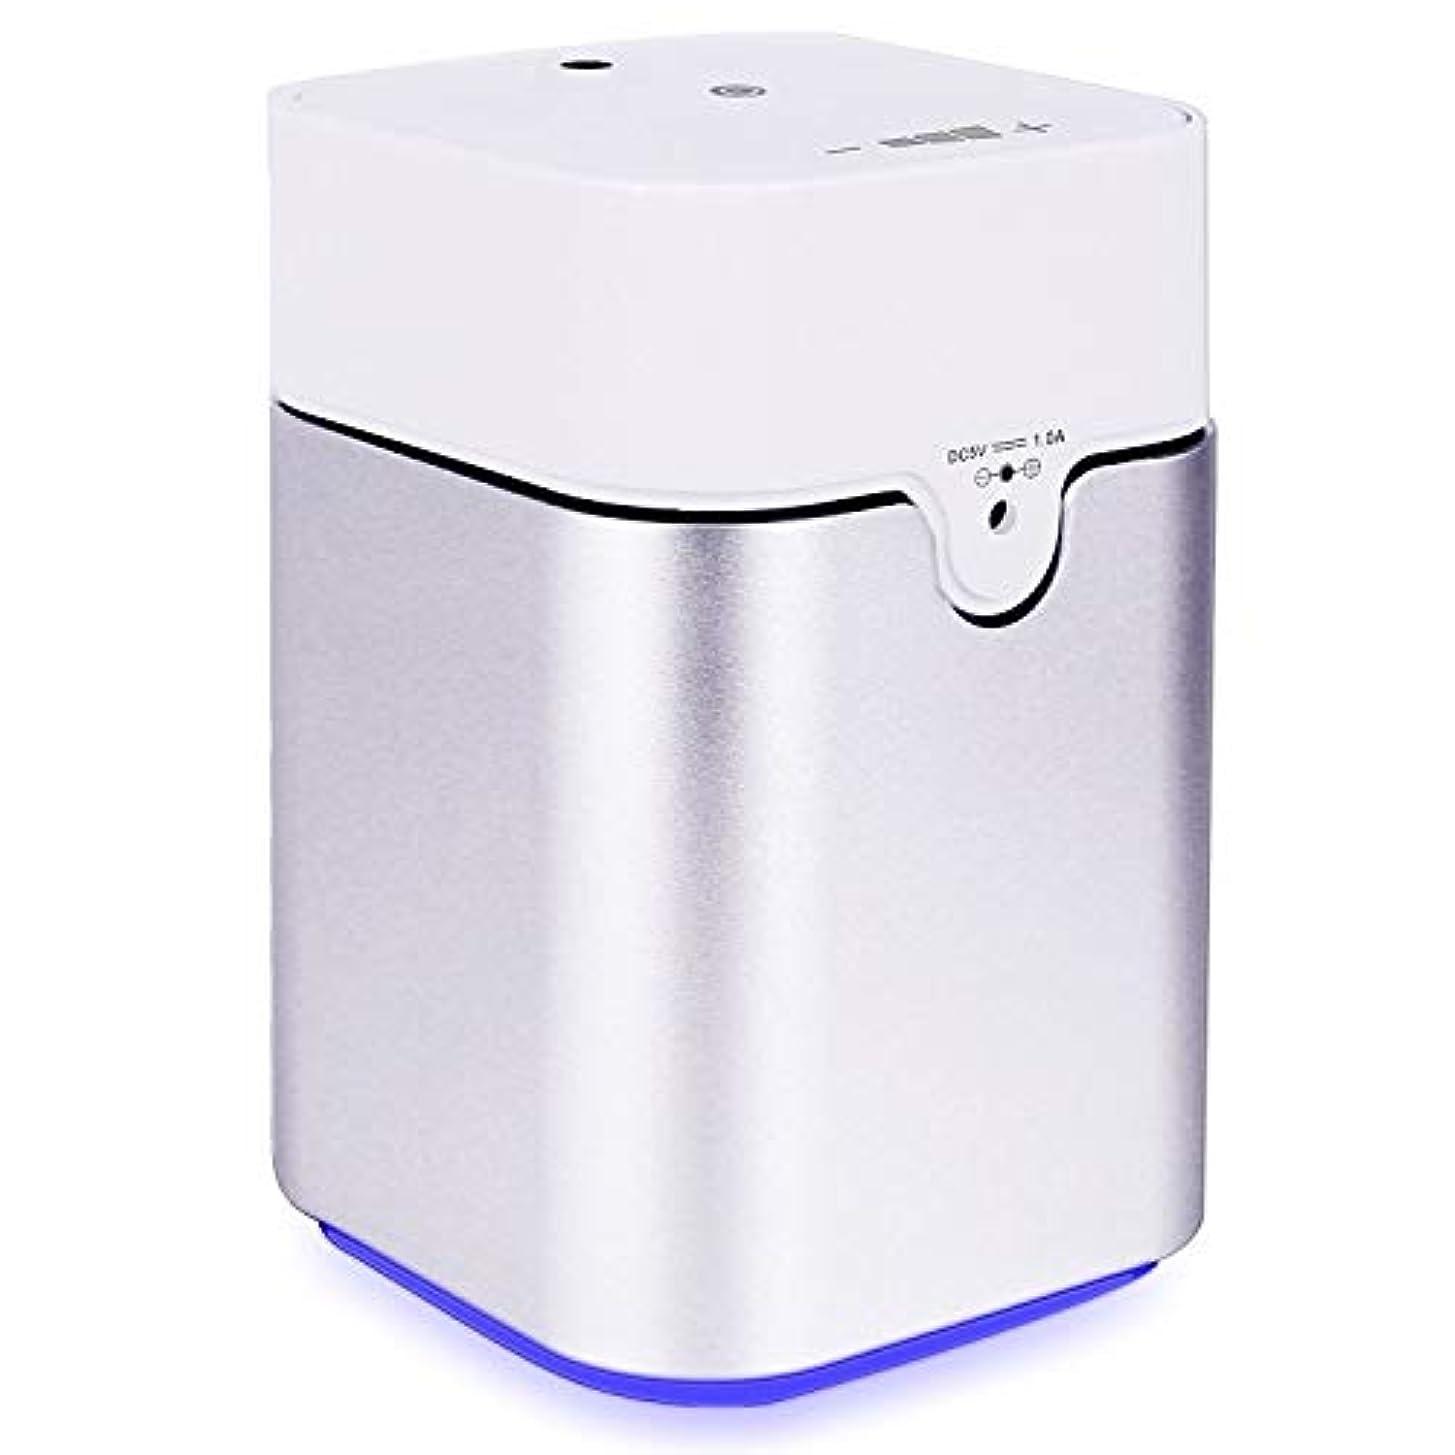 羊プレビスサイト幸運ENERG e's Pure アロマディフューザー ヨガ室 整体院人気 タイマー機能 ネブライザー式 量調整可能 精油瓶3個付き T11-ENS082